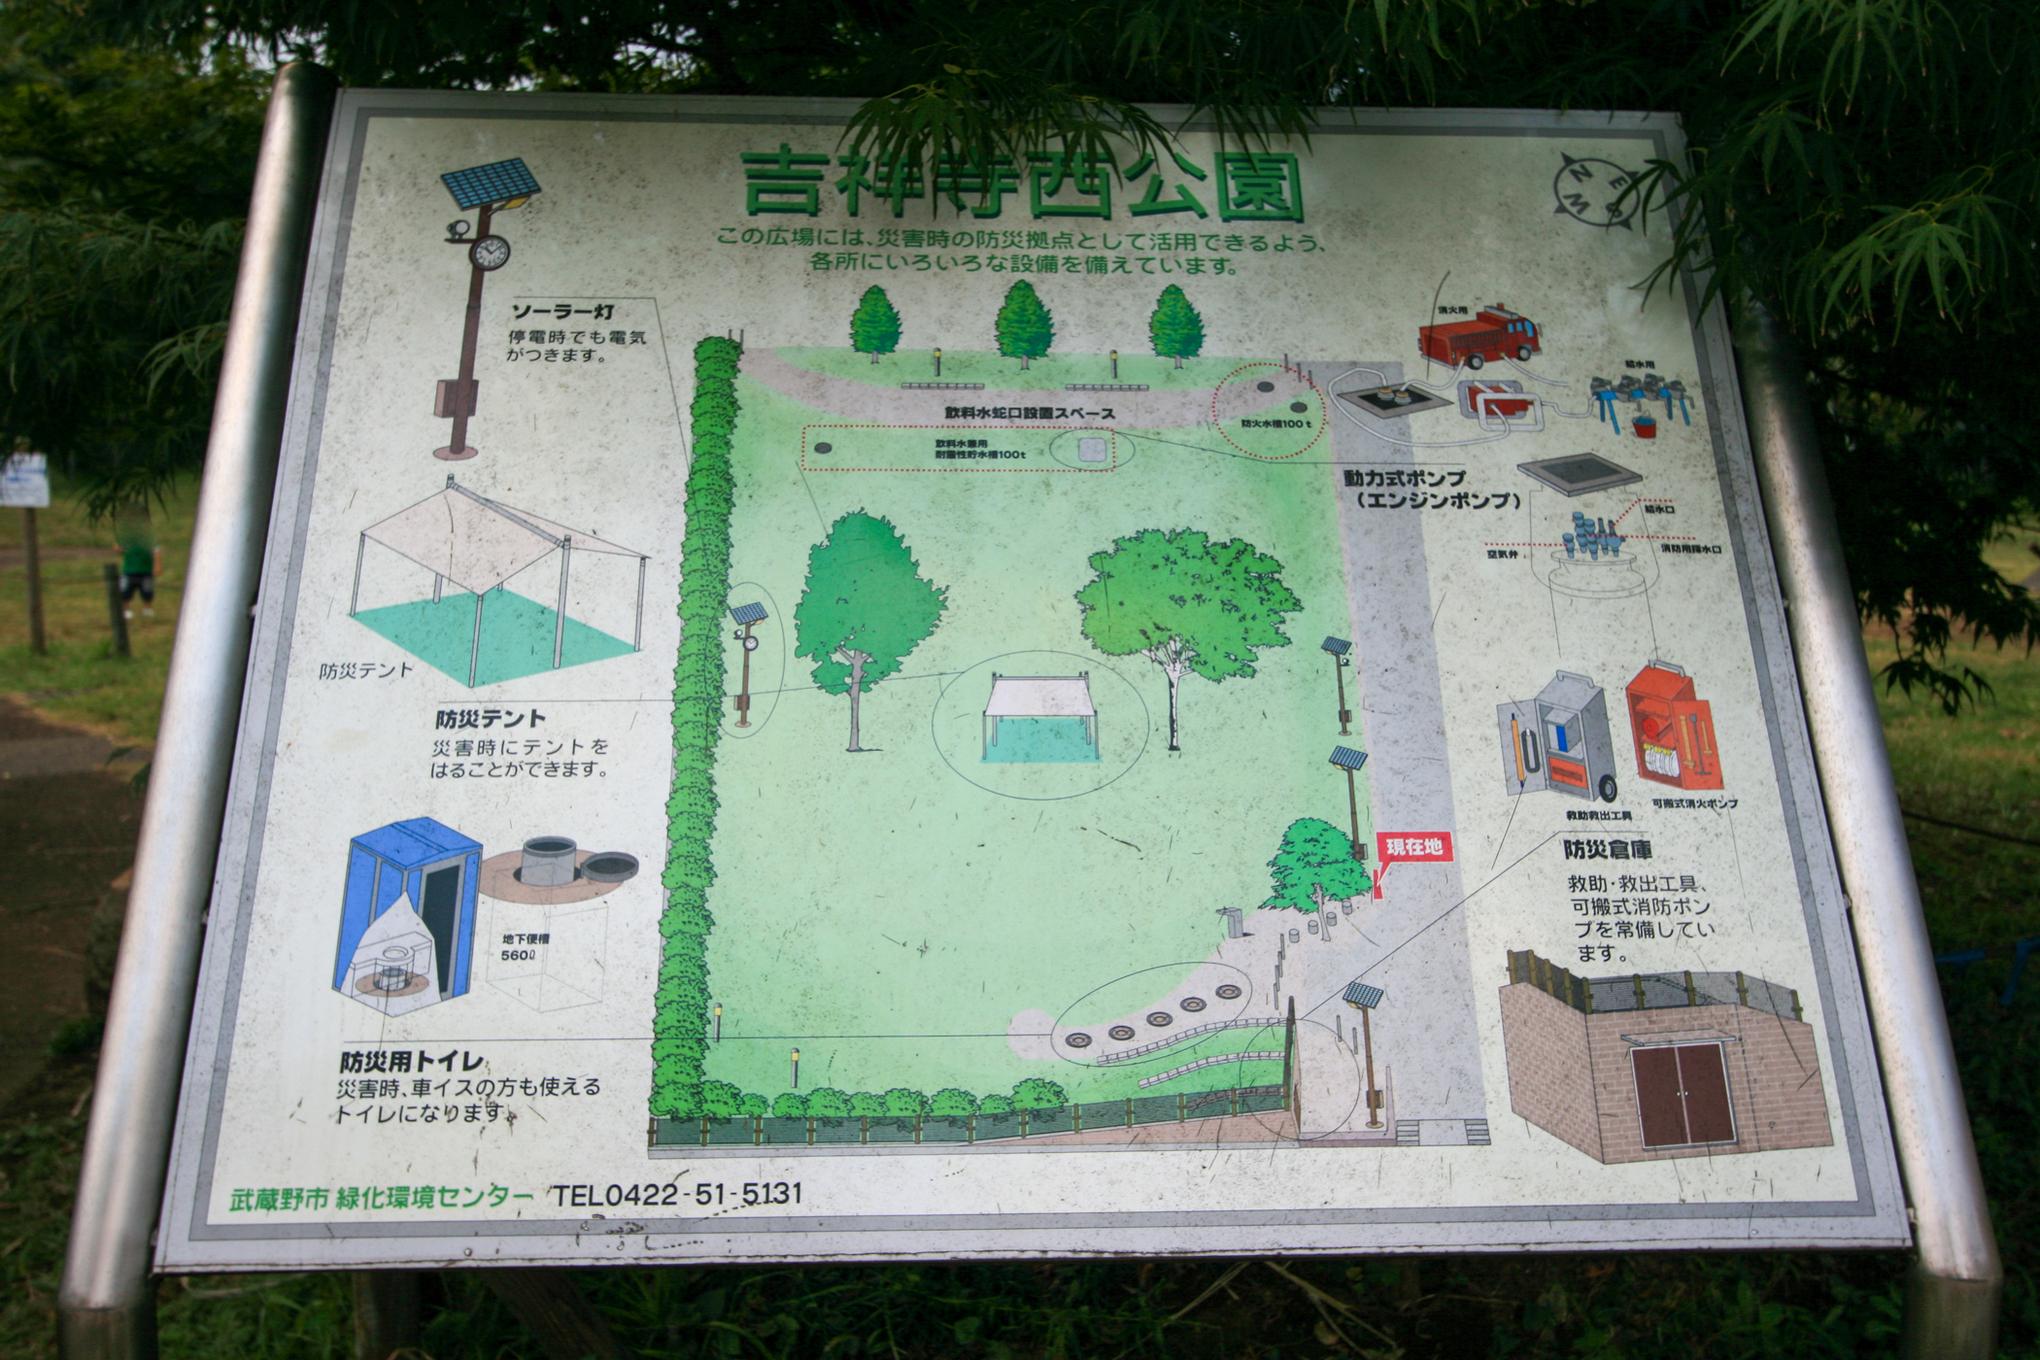 f:id:akichiniiko:20201003153339j:plain